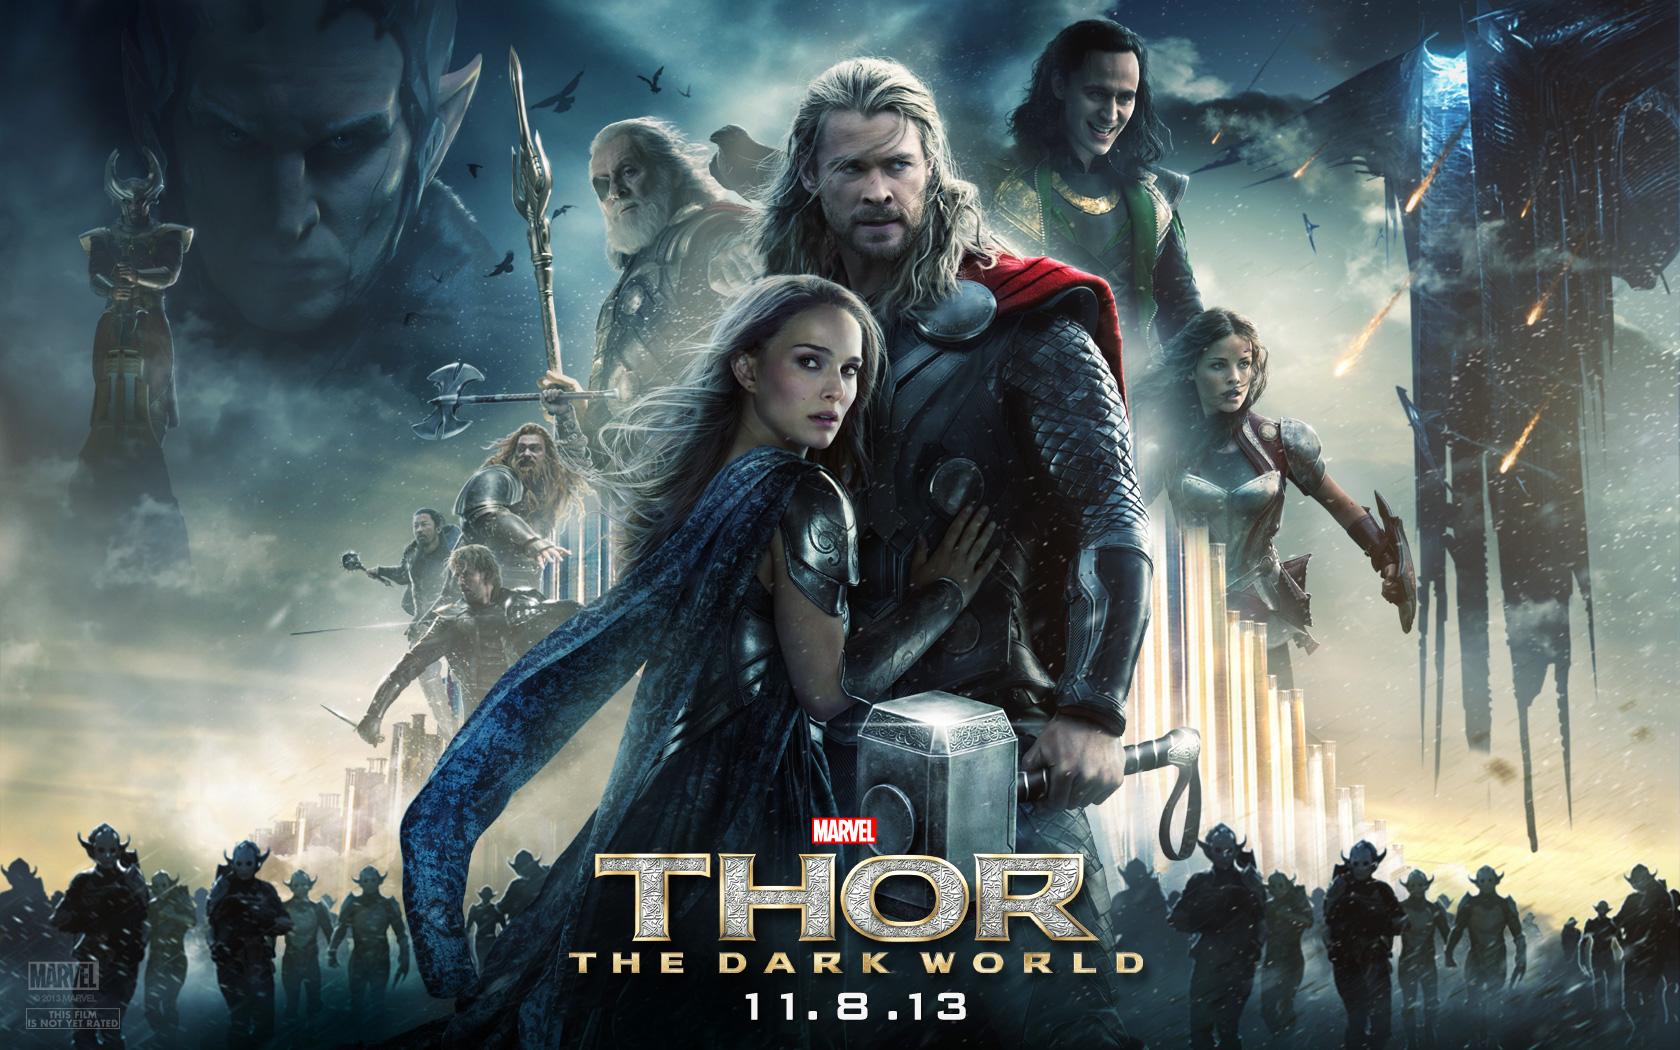 Ver Thor: El mundo oscuro (2013) online | Thor: El mundo